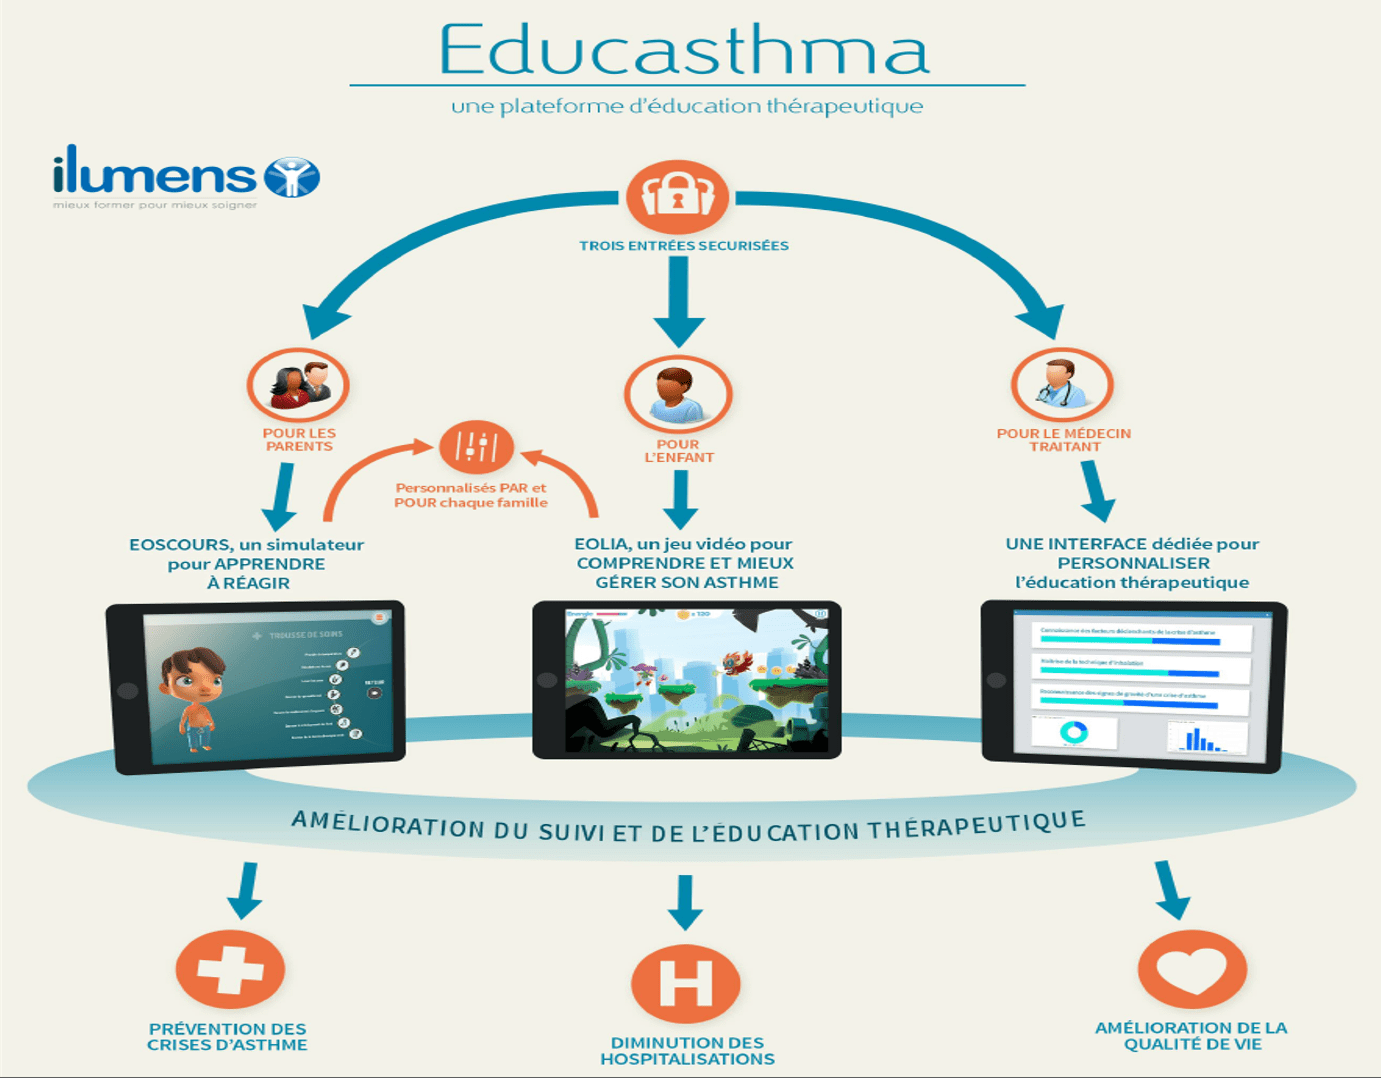 Une plateforme numérique d'éducation thérapeutique, coup de cœur de l'appel à projets 2017